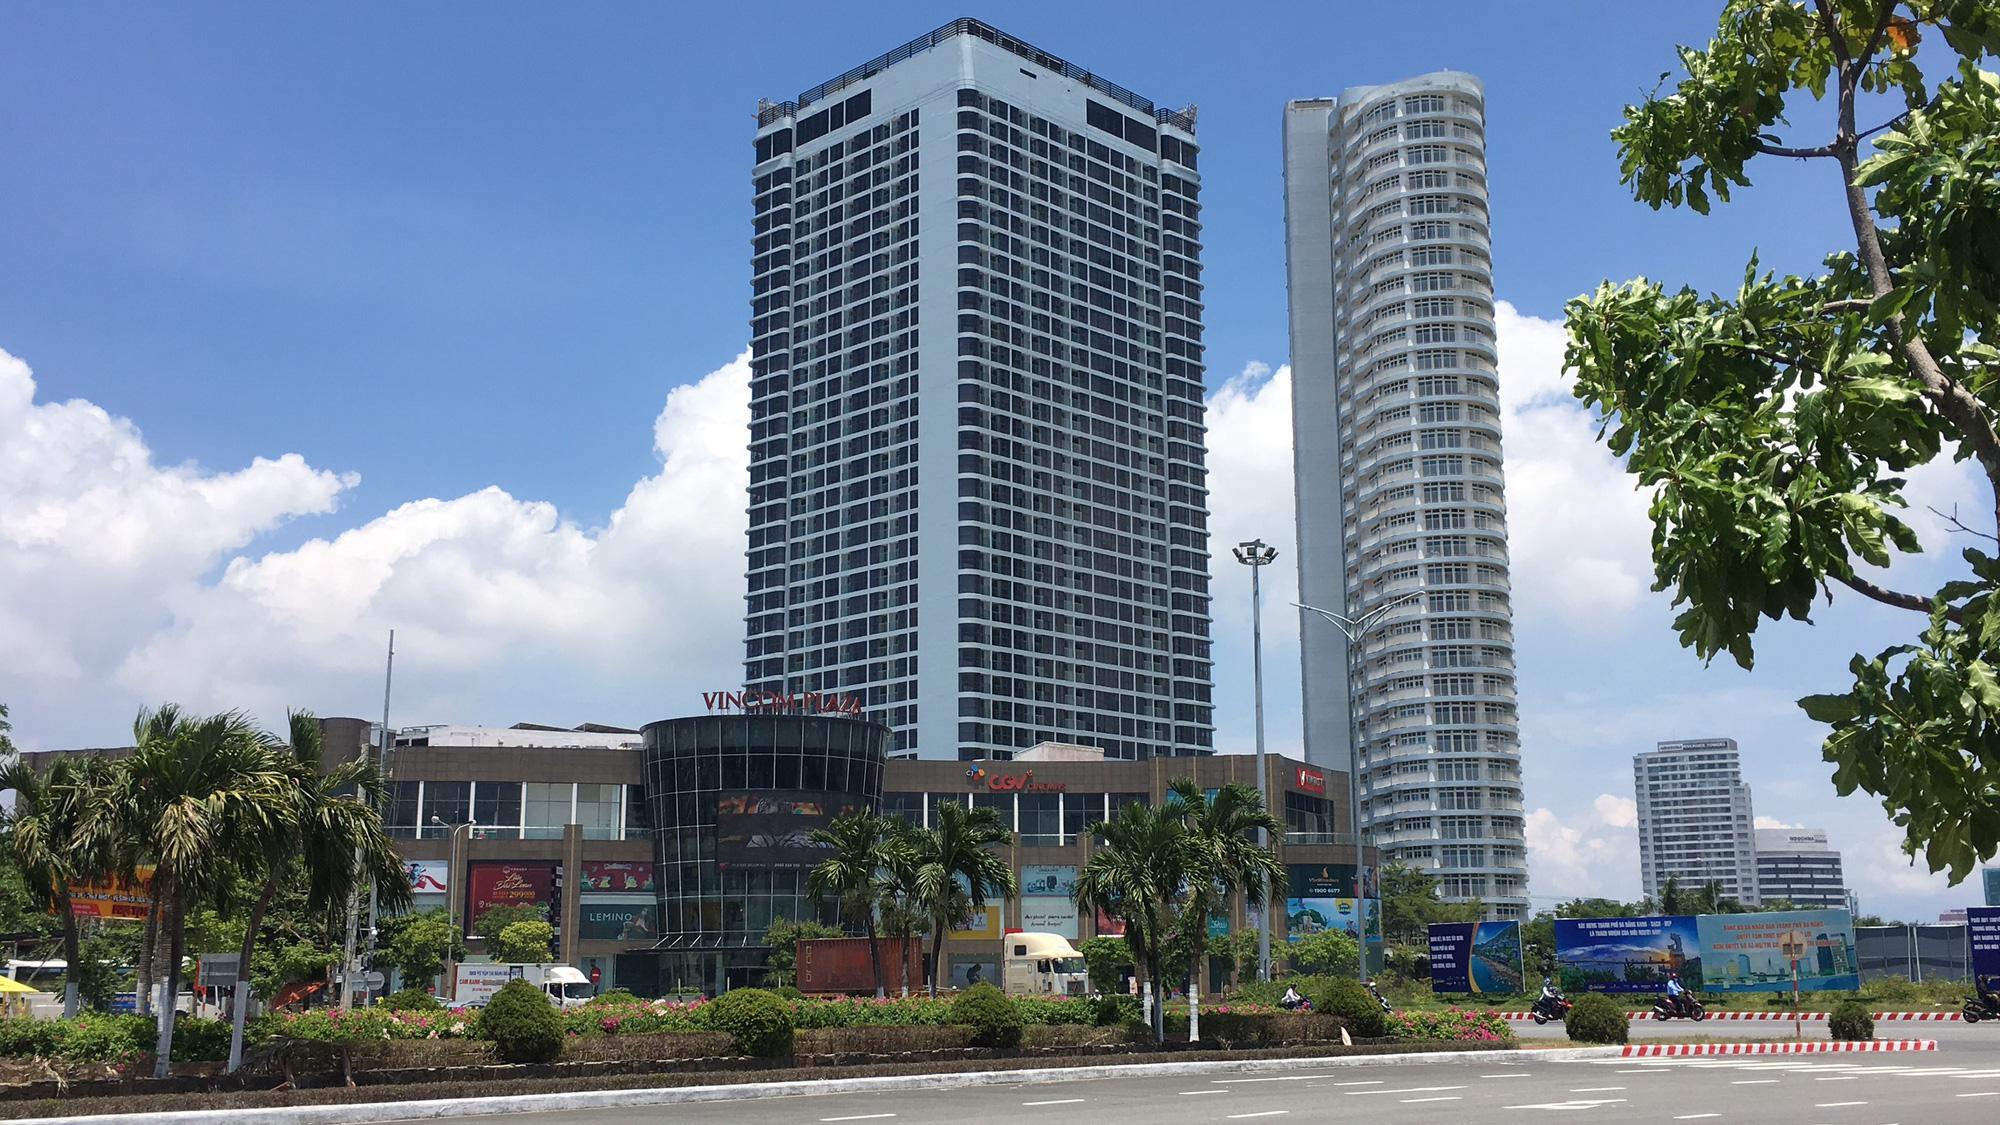 Cận cảnh khu đất gần sông Hàn có thể xây dựng cao 40 tầng được Đà Nẵng kêu gọi đầu tư - Ảnh 9.